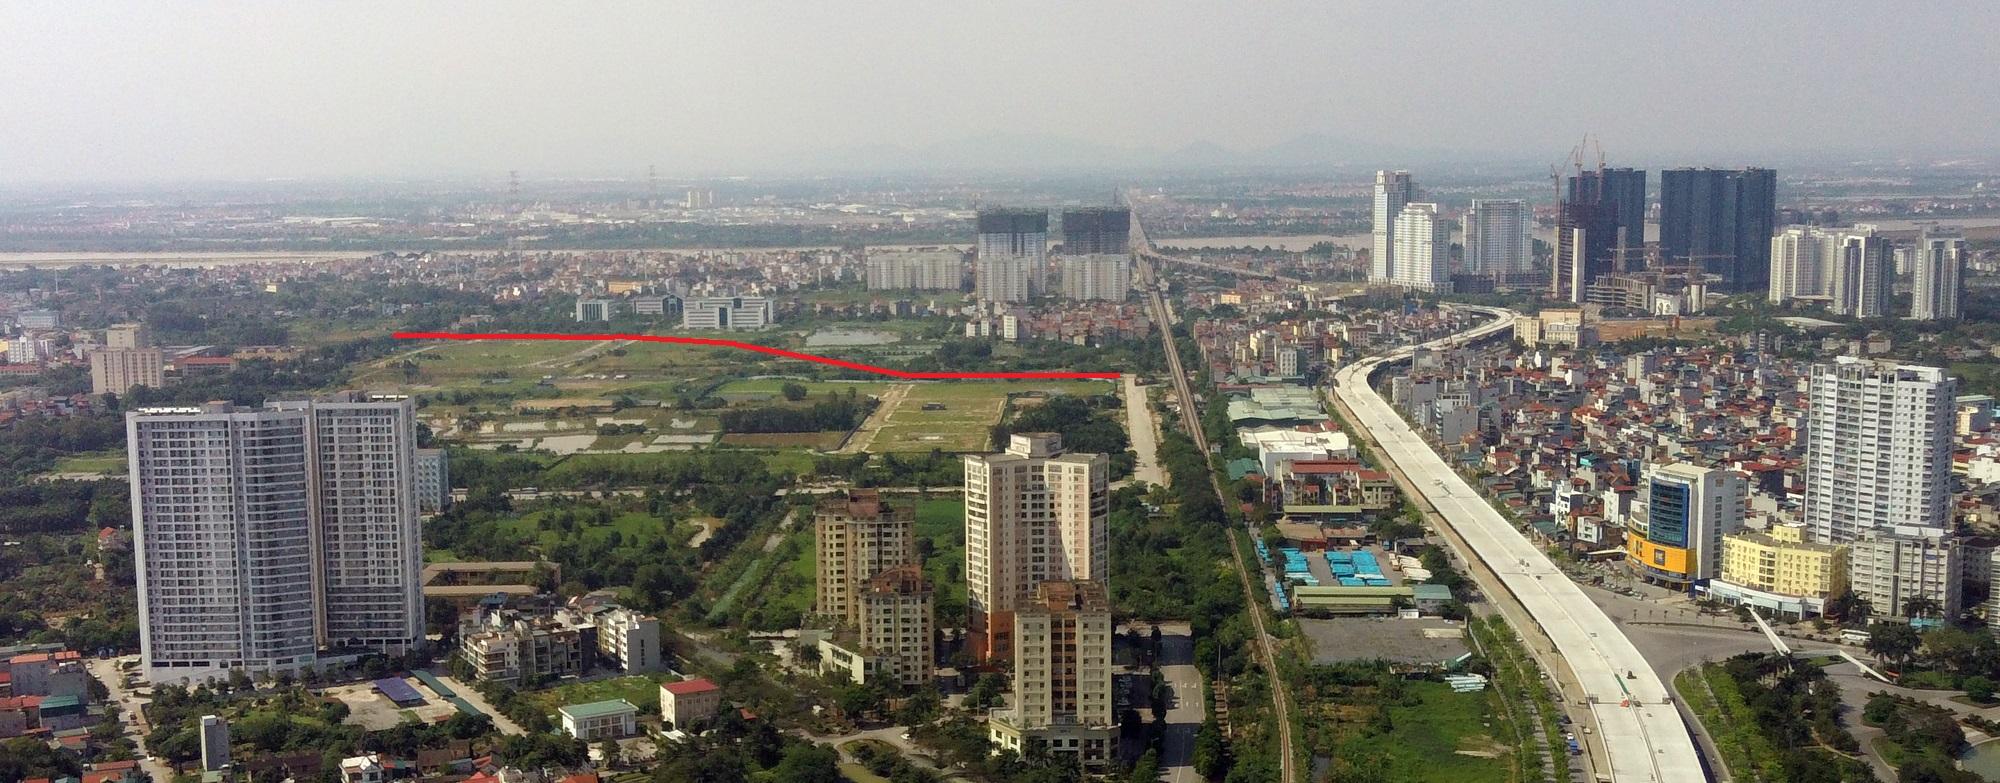 3 đường sẽ mở theo qui hoạch ở phường Xuân Đỉnh, Bắc Từ Liêm - Ảnh 5.